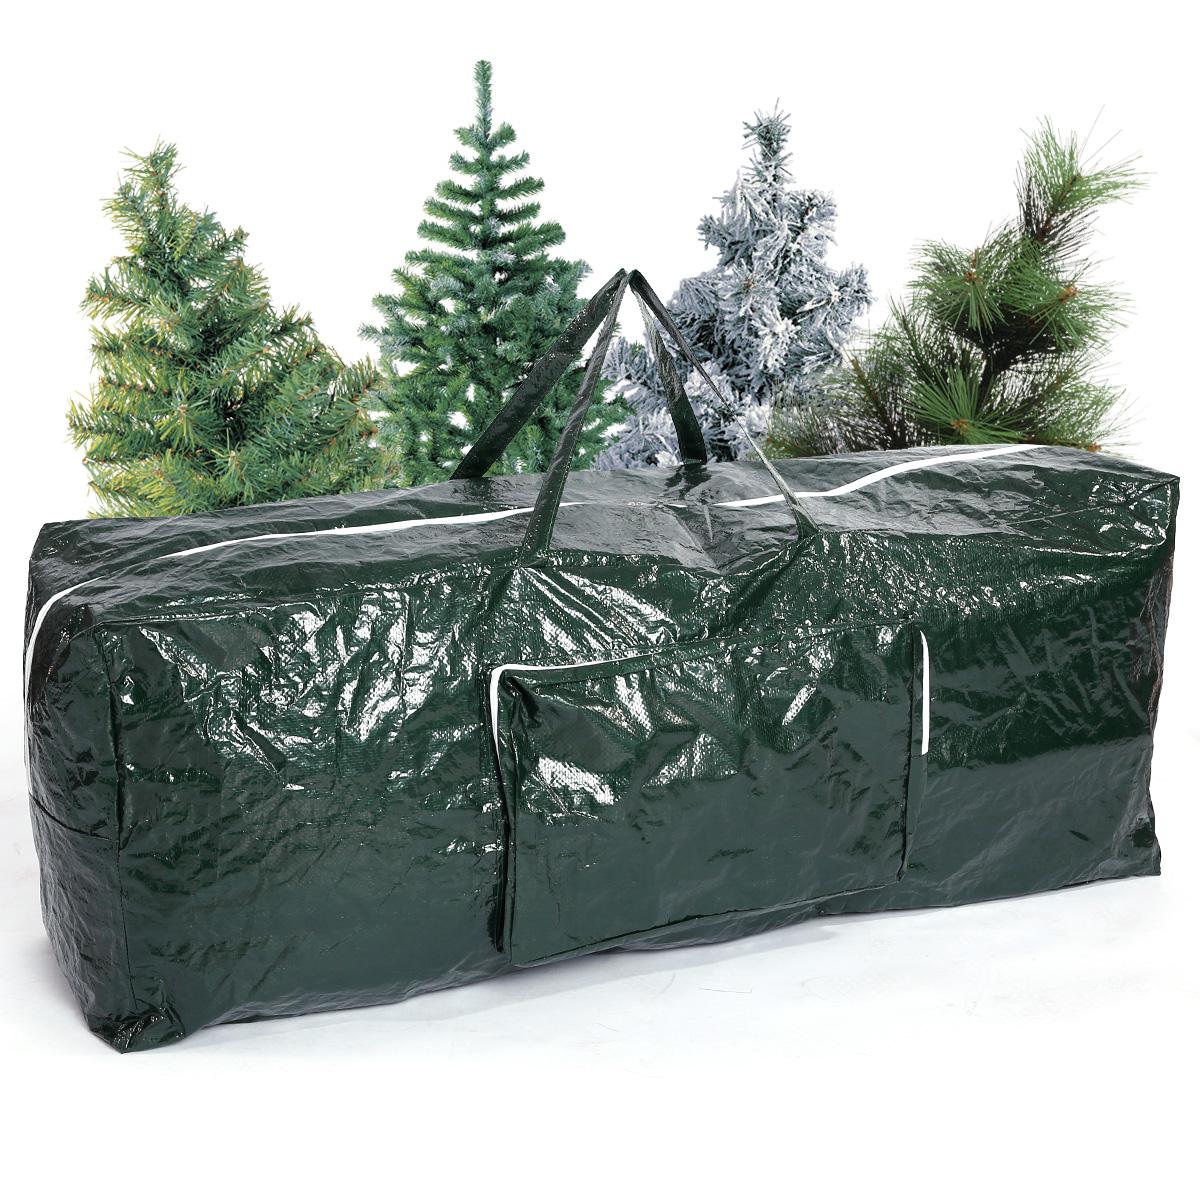 aufbewahrungstasche weihnachtsbaum tannenbaum beutel sack. Black Bedroom Furniture Sets. Home Design Ideas